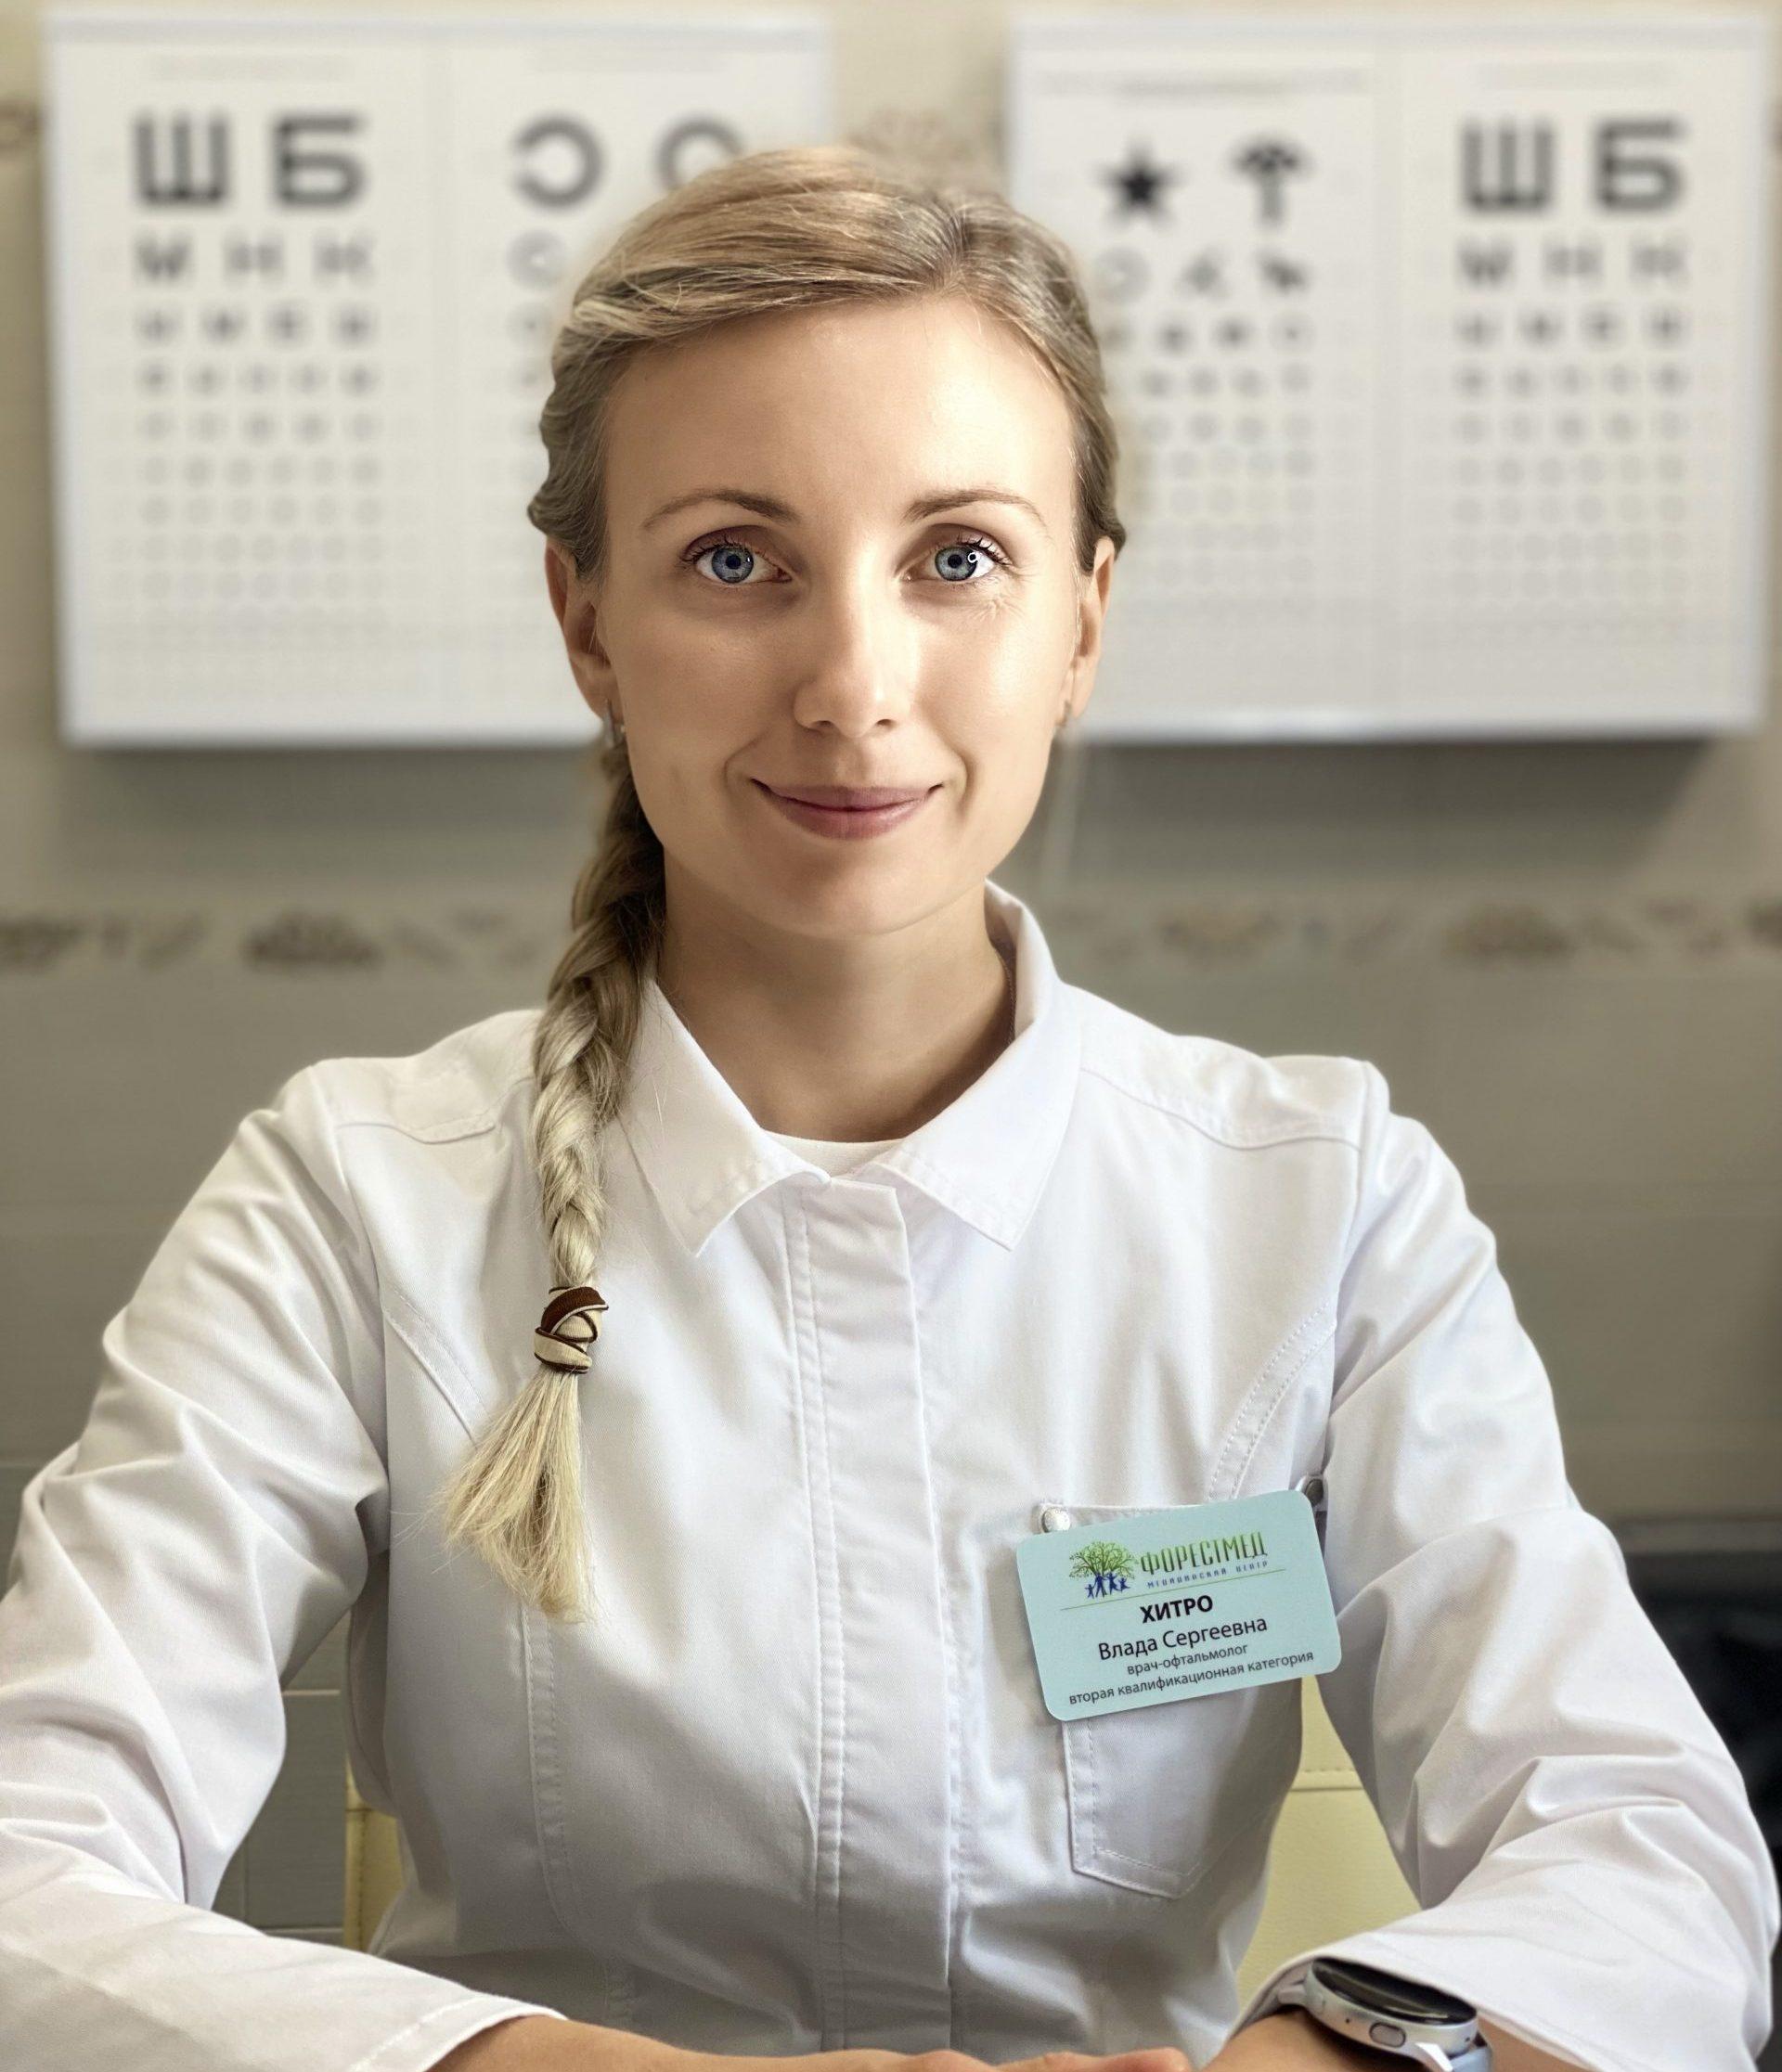 офтальмолог Хитро Влада Сергеевна